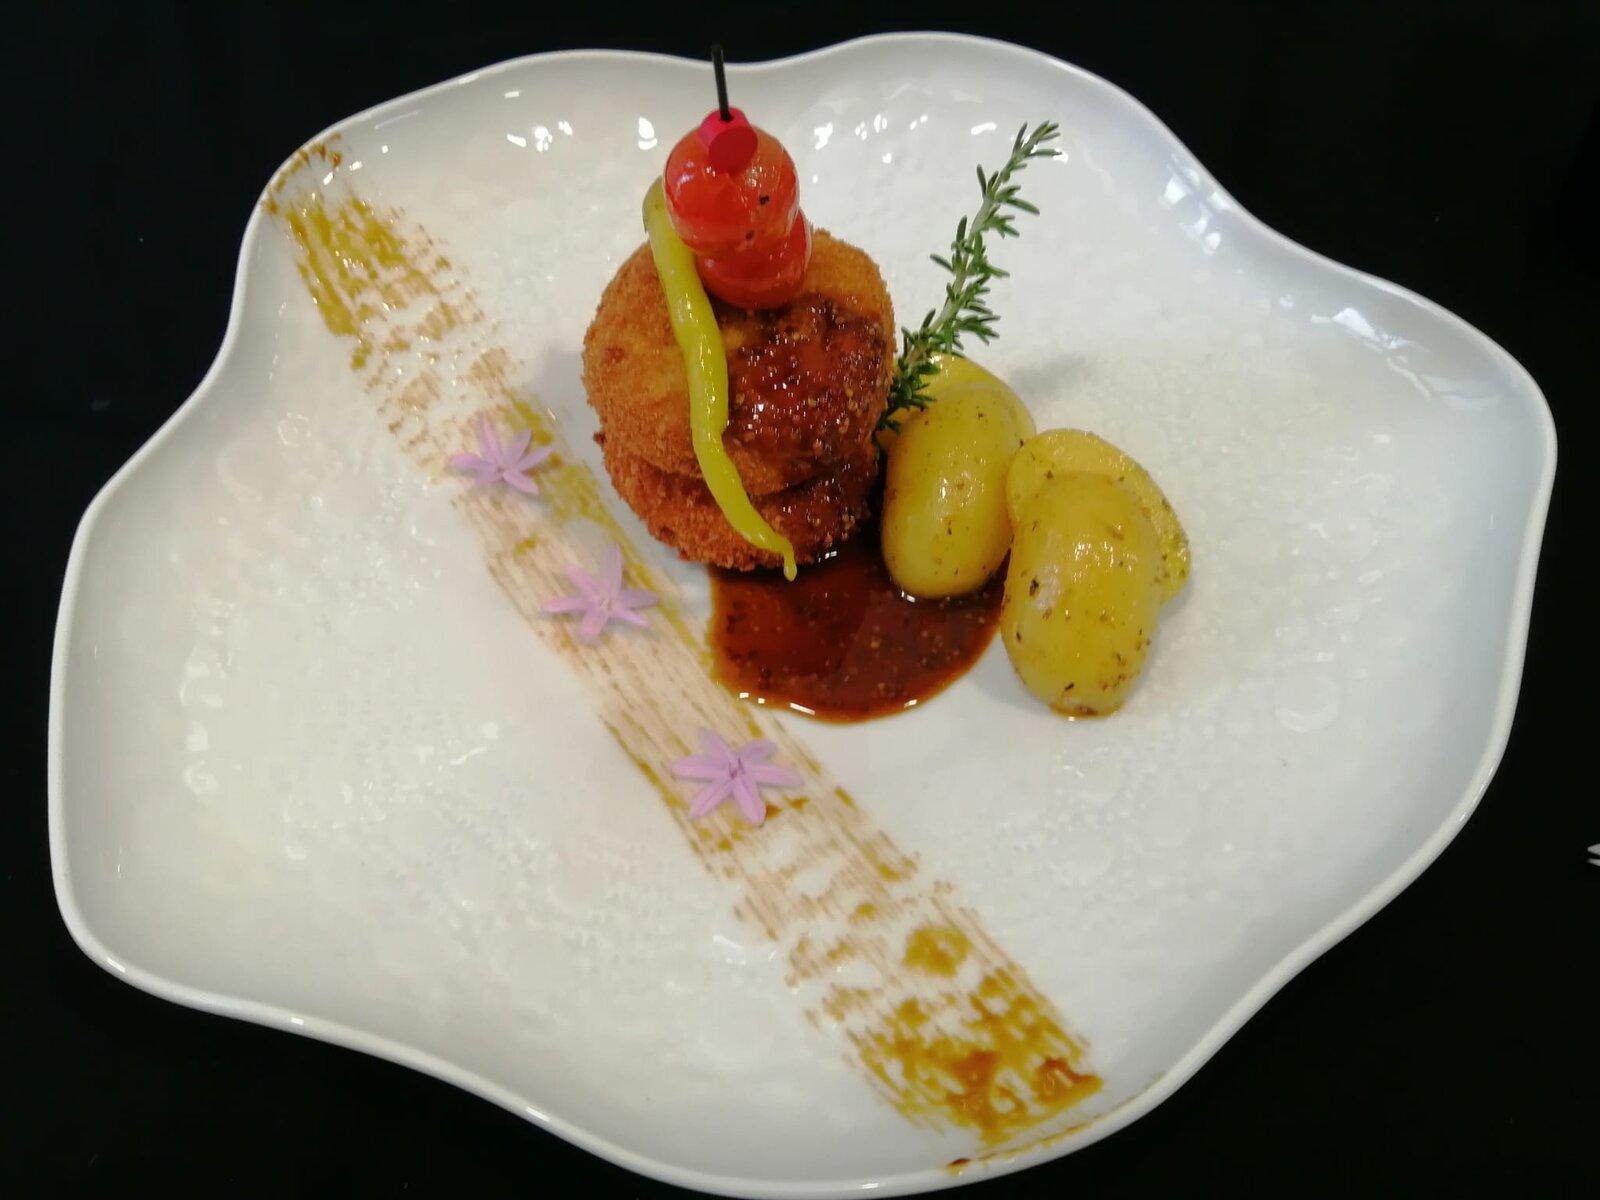 ARAI-Chivifrito con salsa de mostaza y miel